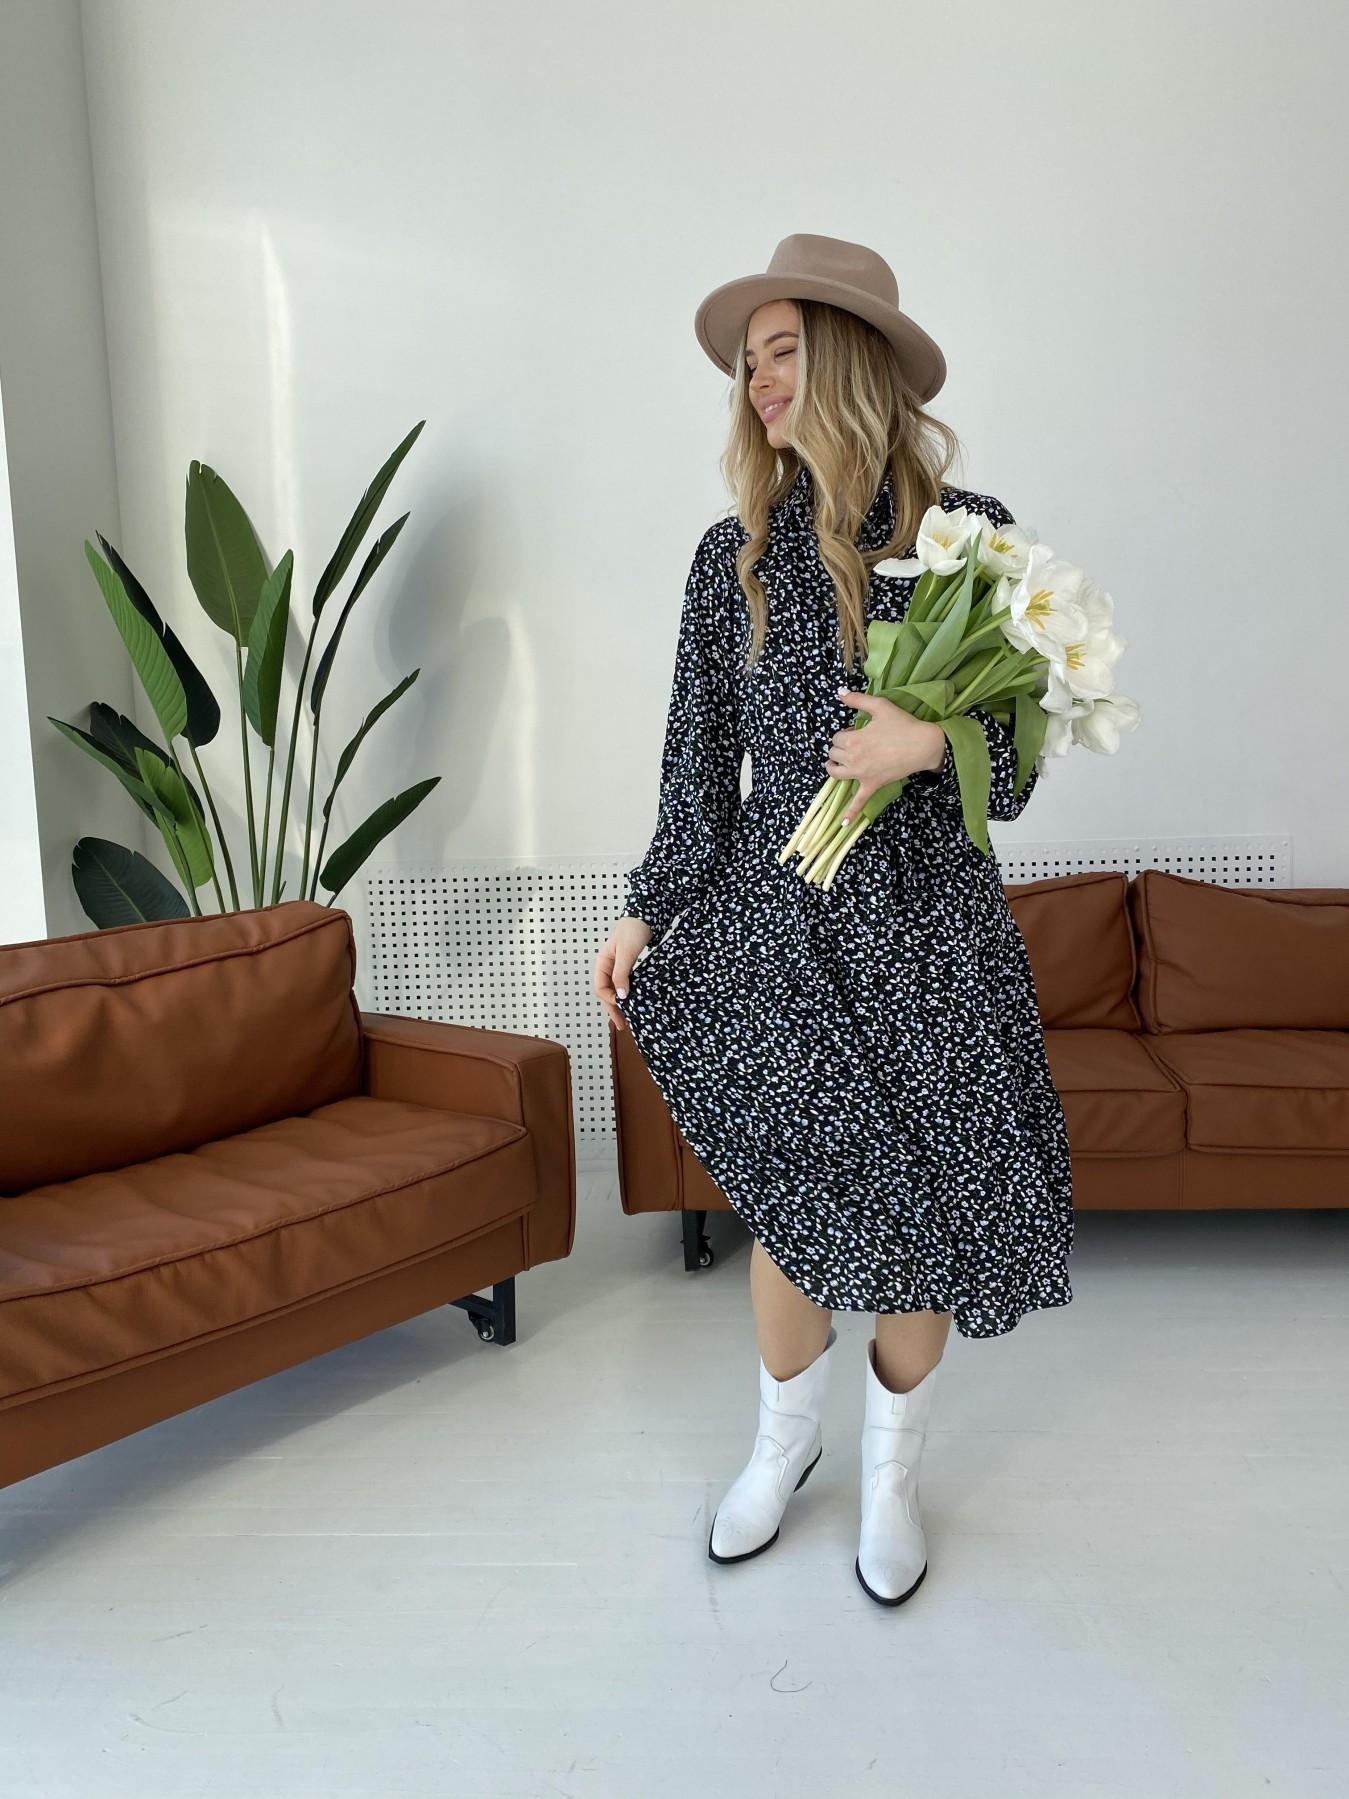 Лилия штапель принт платье 10879 АРТ. 47351 Цвет: Цветы мел черн/бел/гол - фото 9, интернет магазин tm-modus.ru